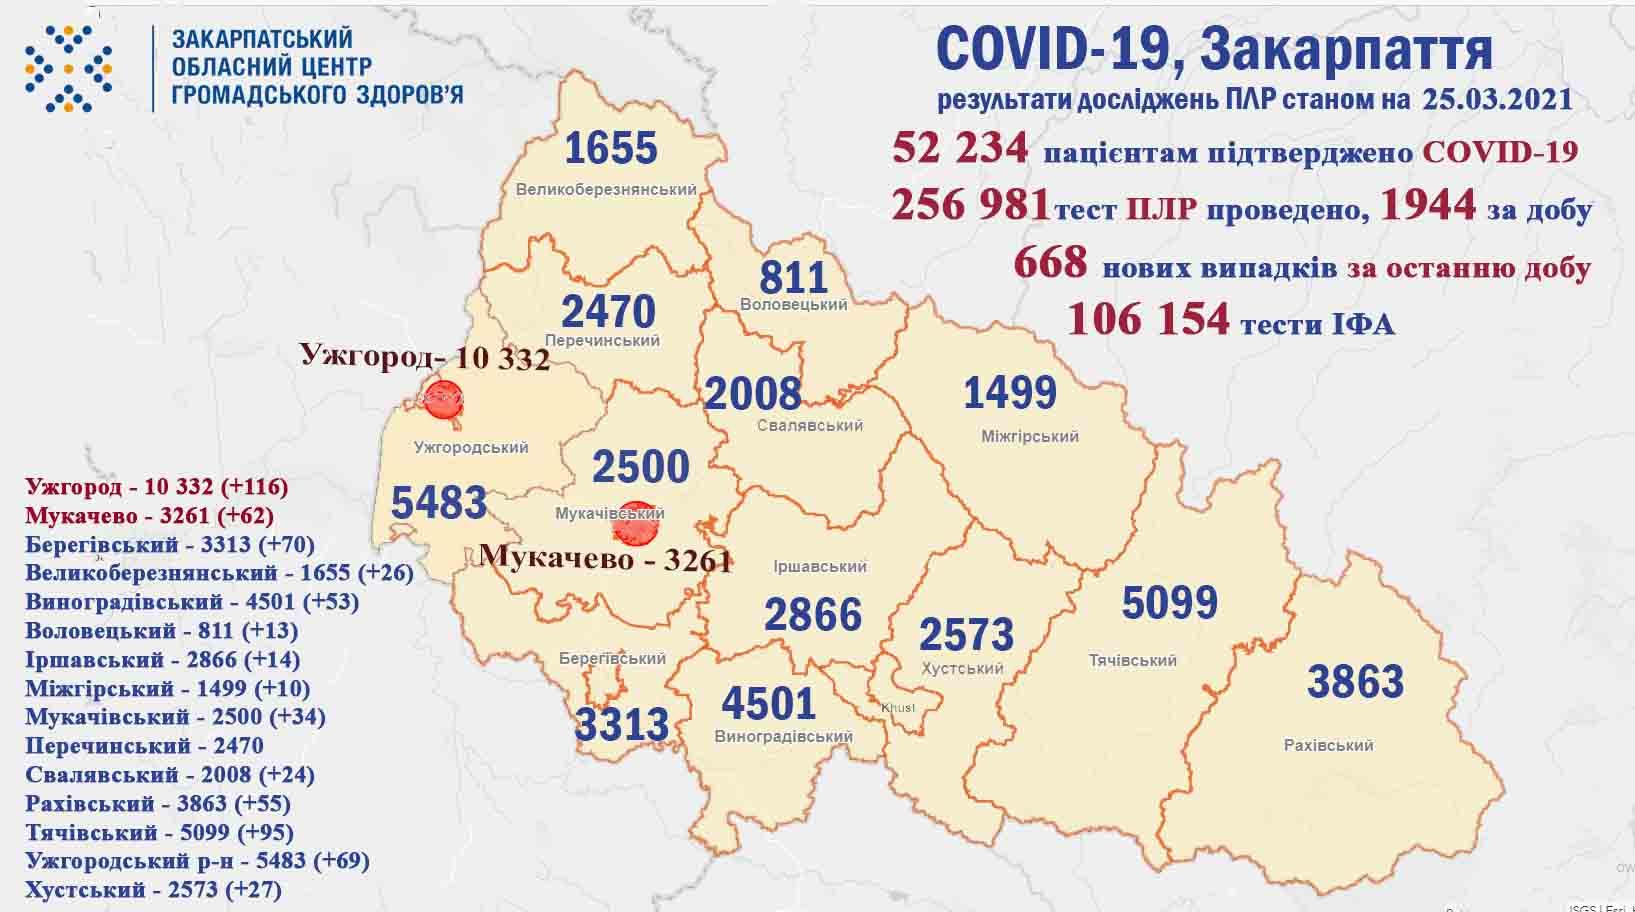 За добу на Закарпатті у 668 пацієнтів підтверджено COVID-19